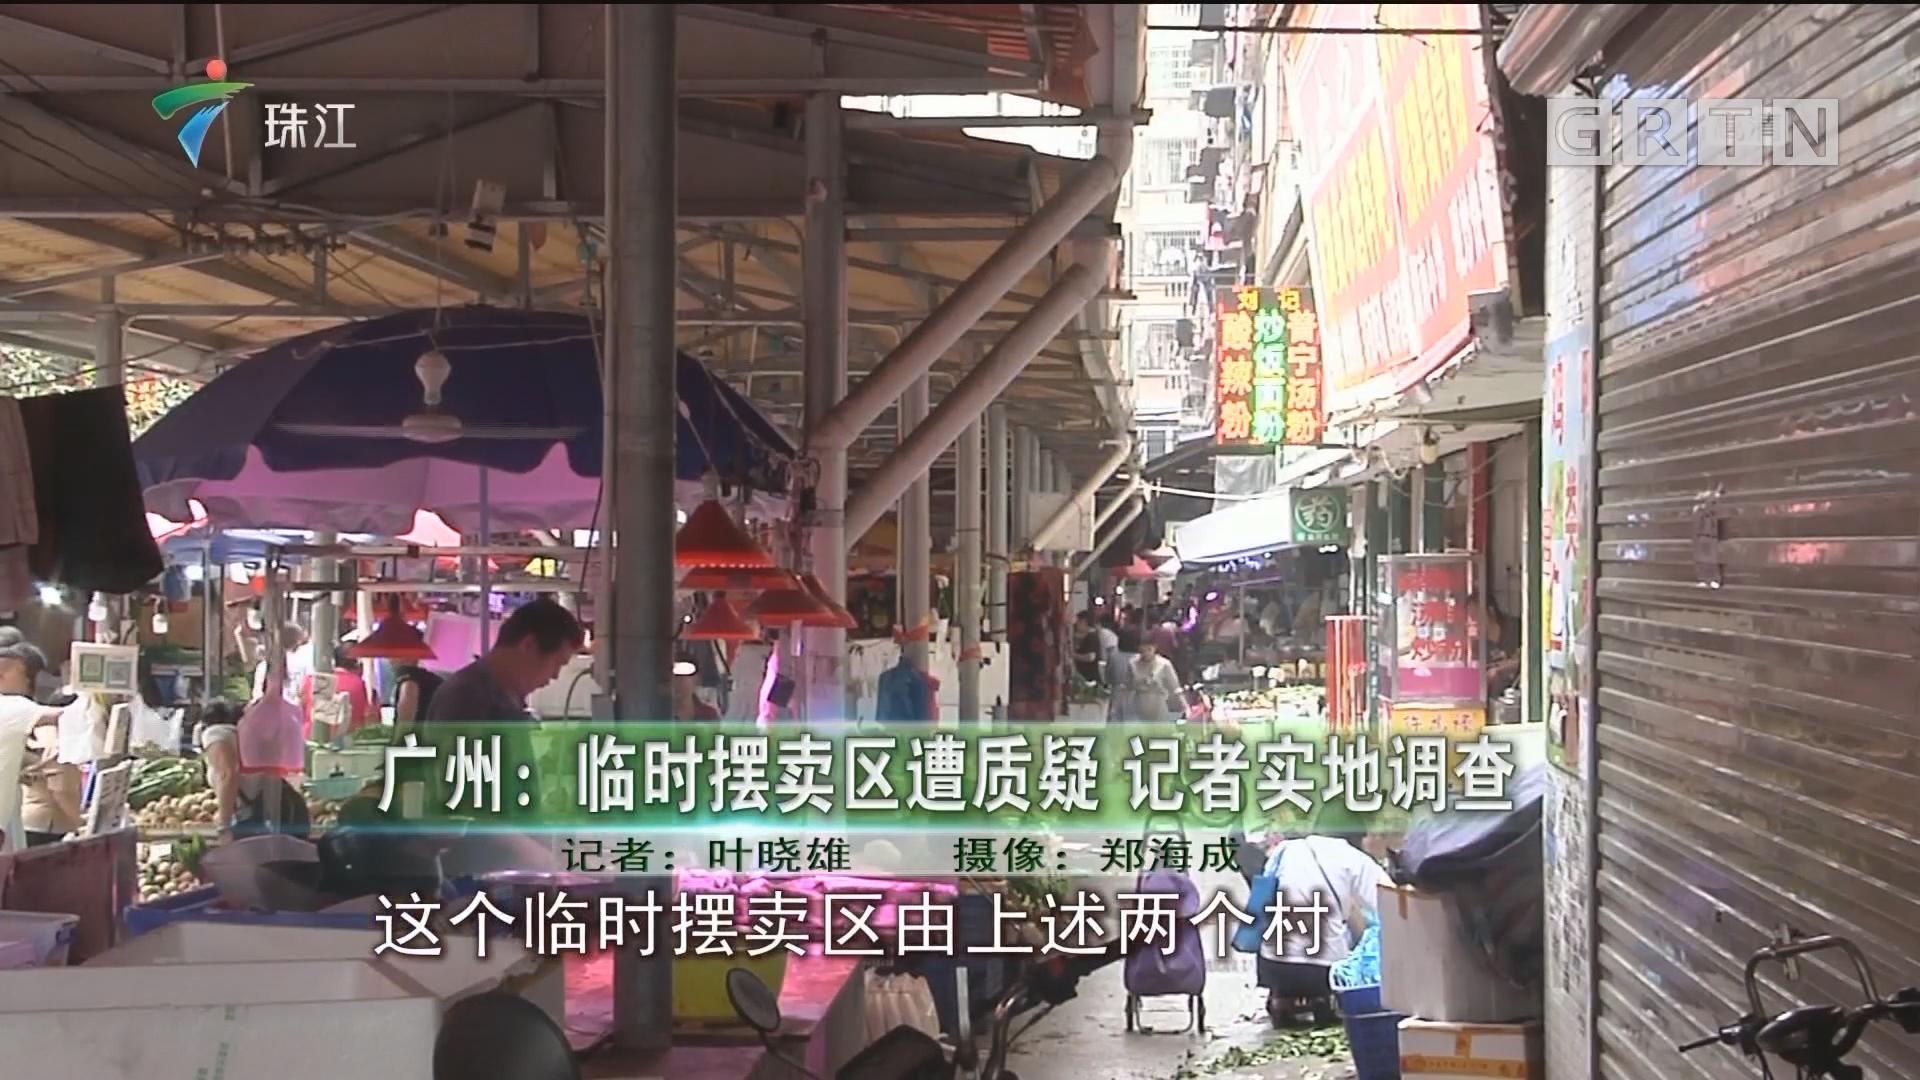 广州:临时摆卖区遭质疑 记者实地调查